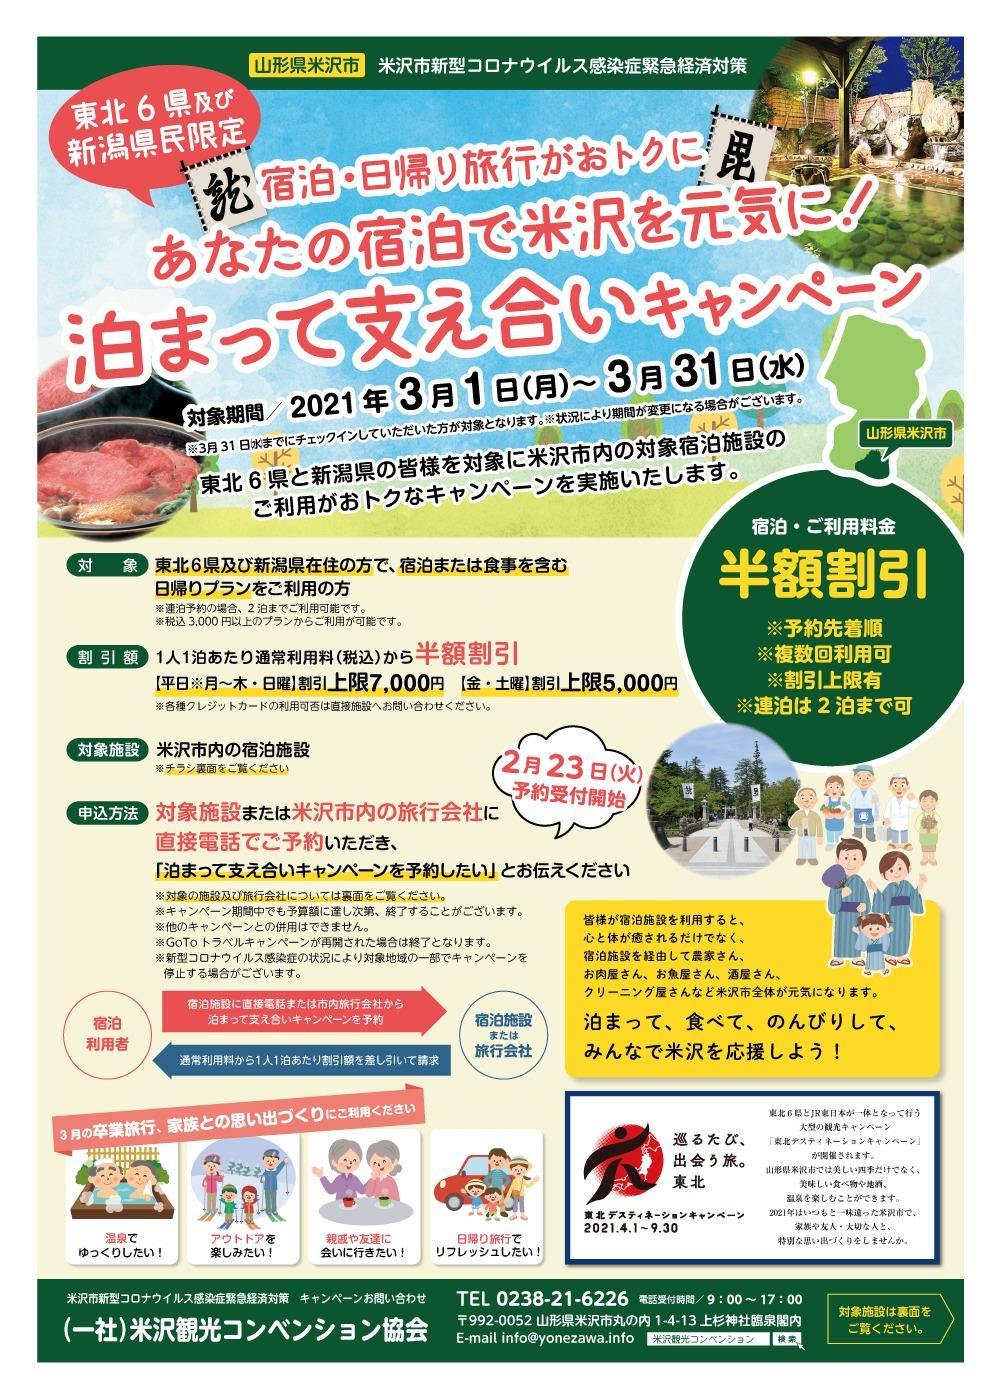 宿泊 山形 キャンペーン 県